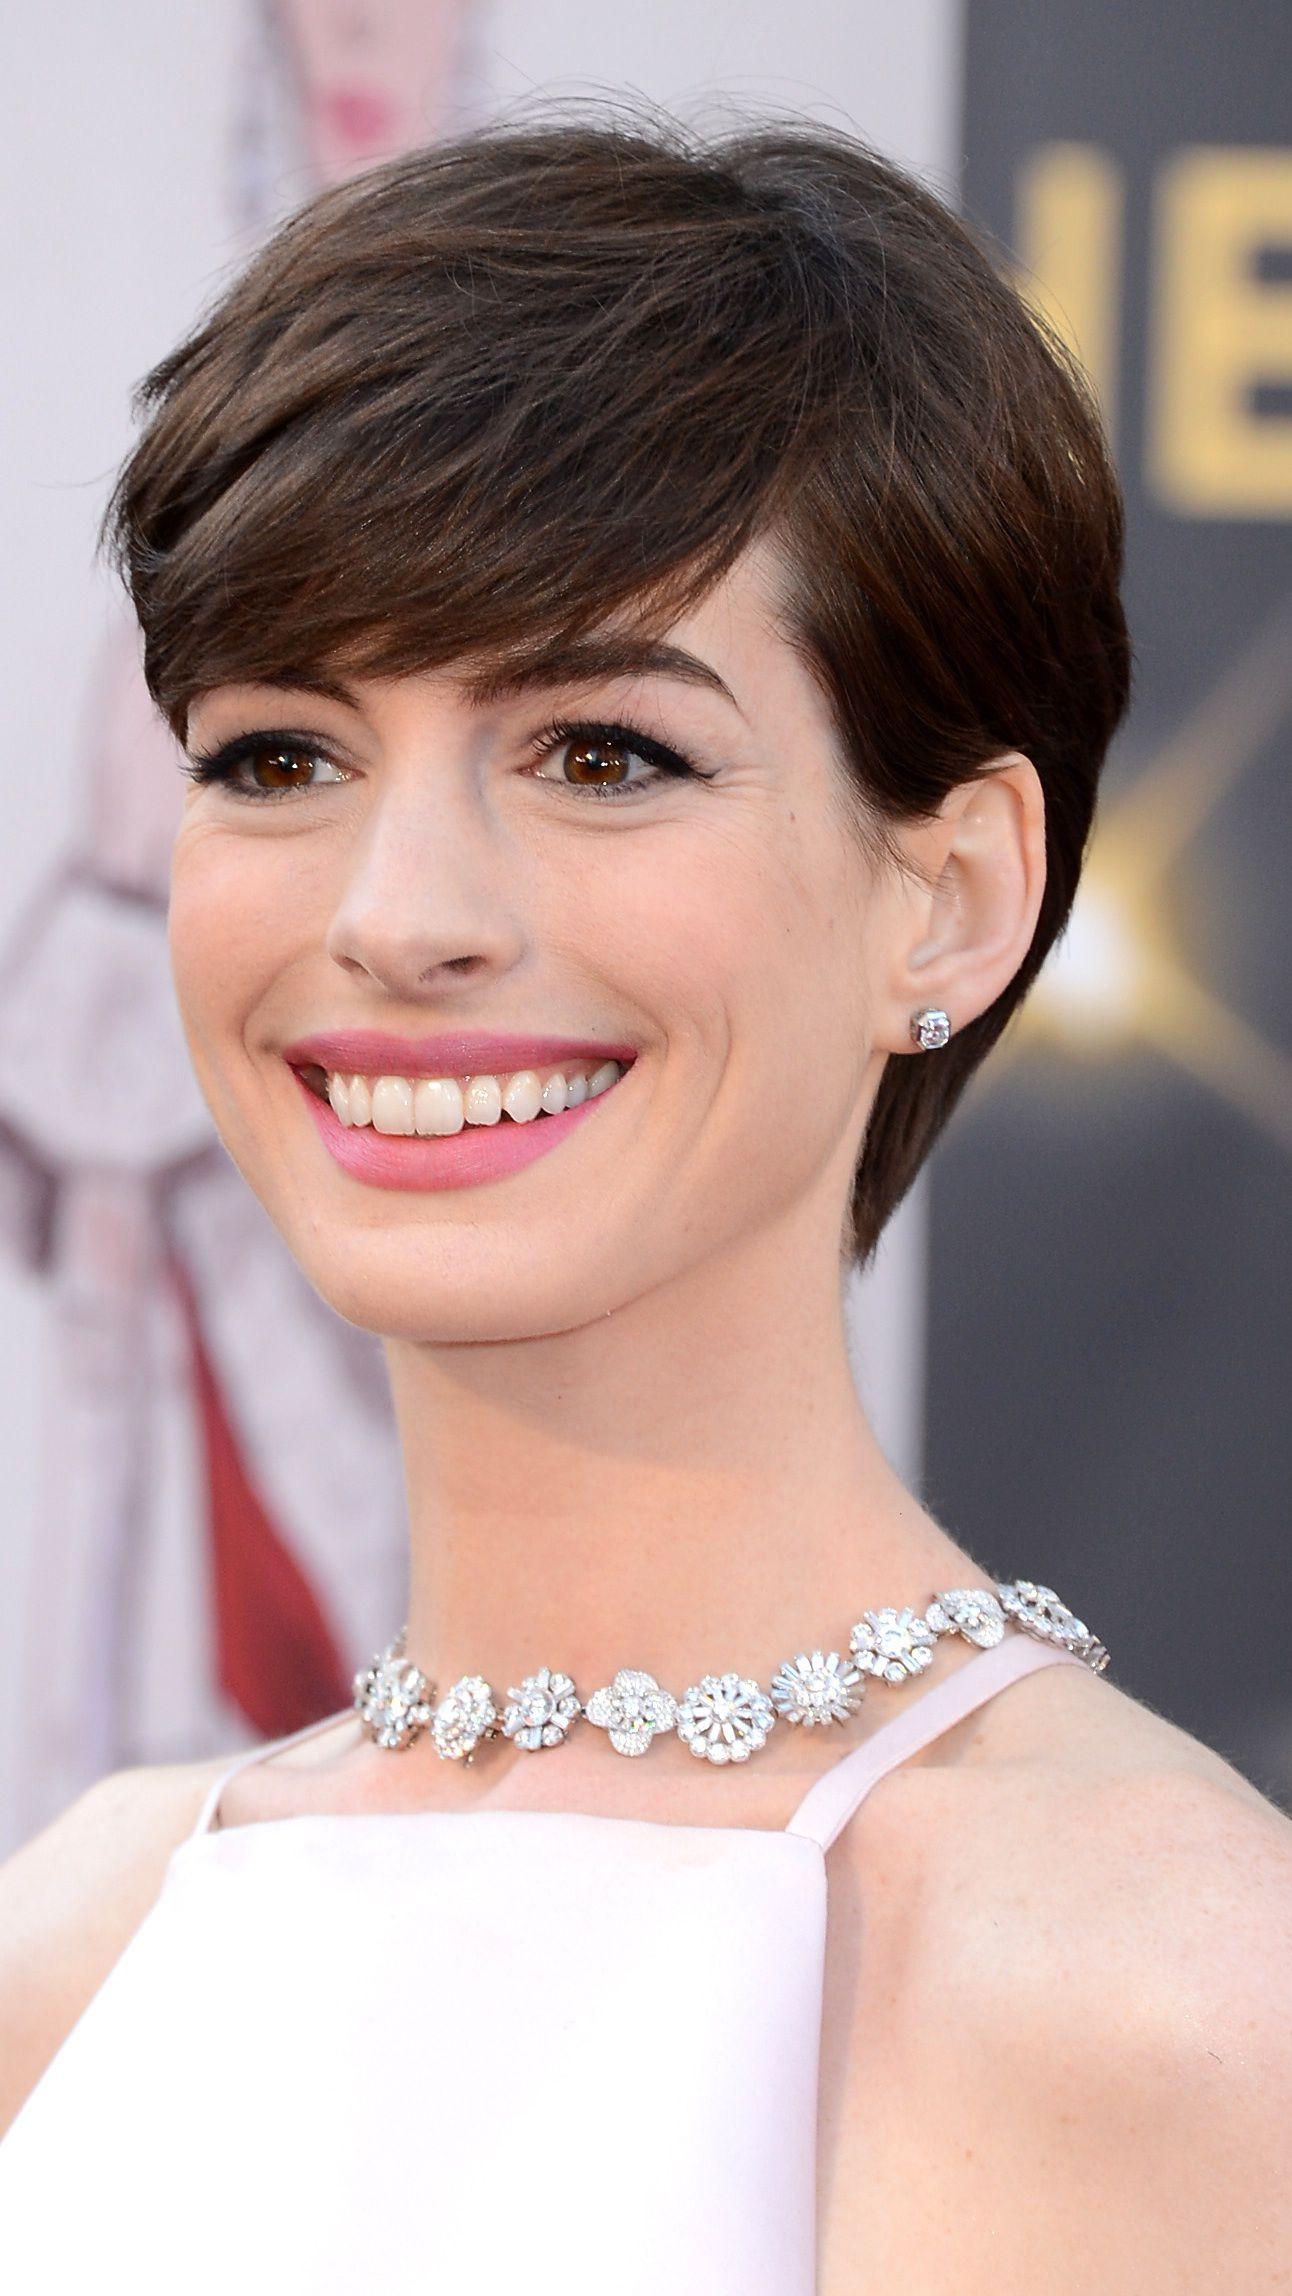 Pixie Cut Anne Hathaway